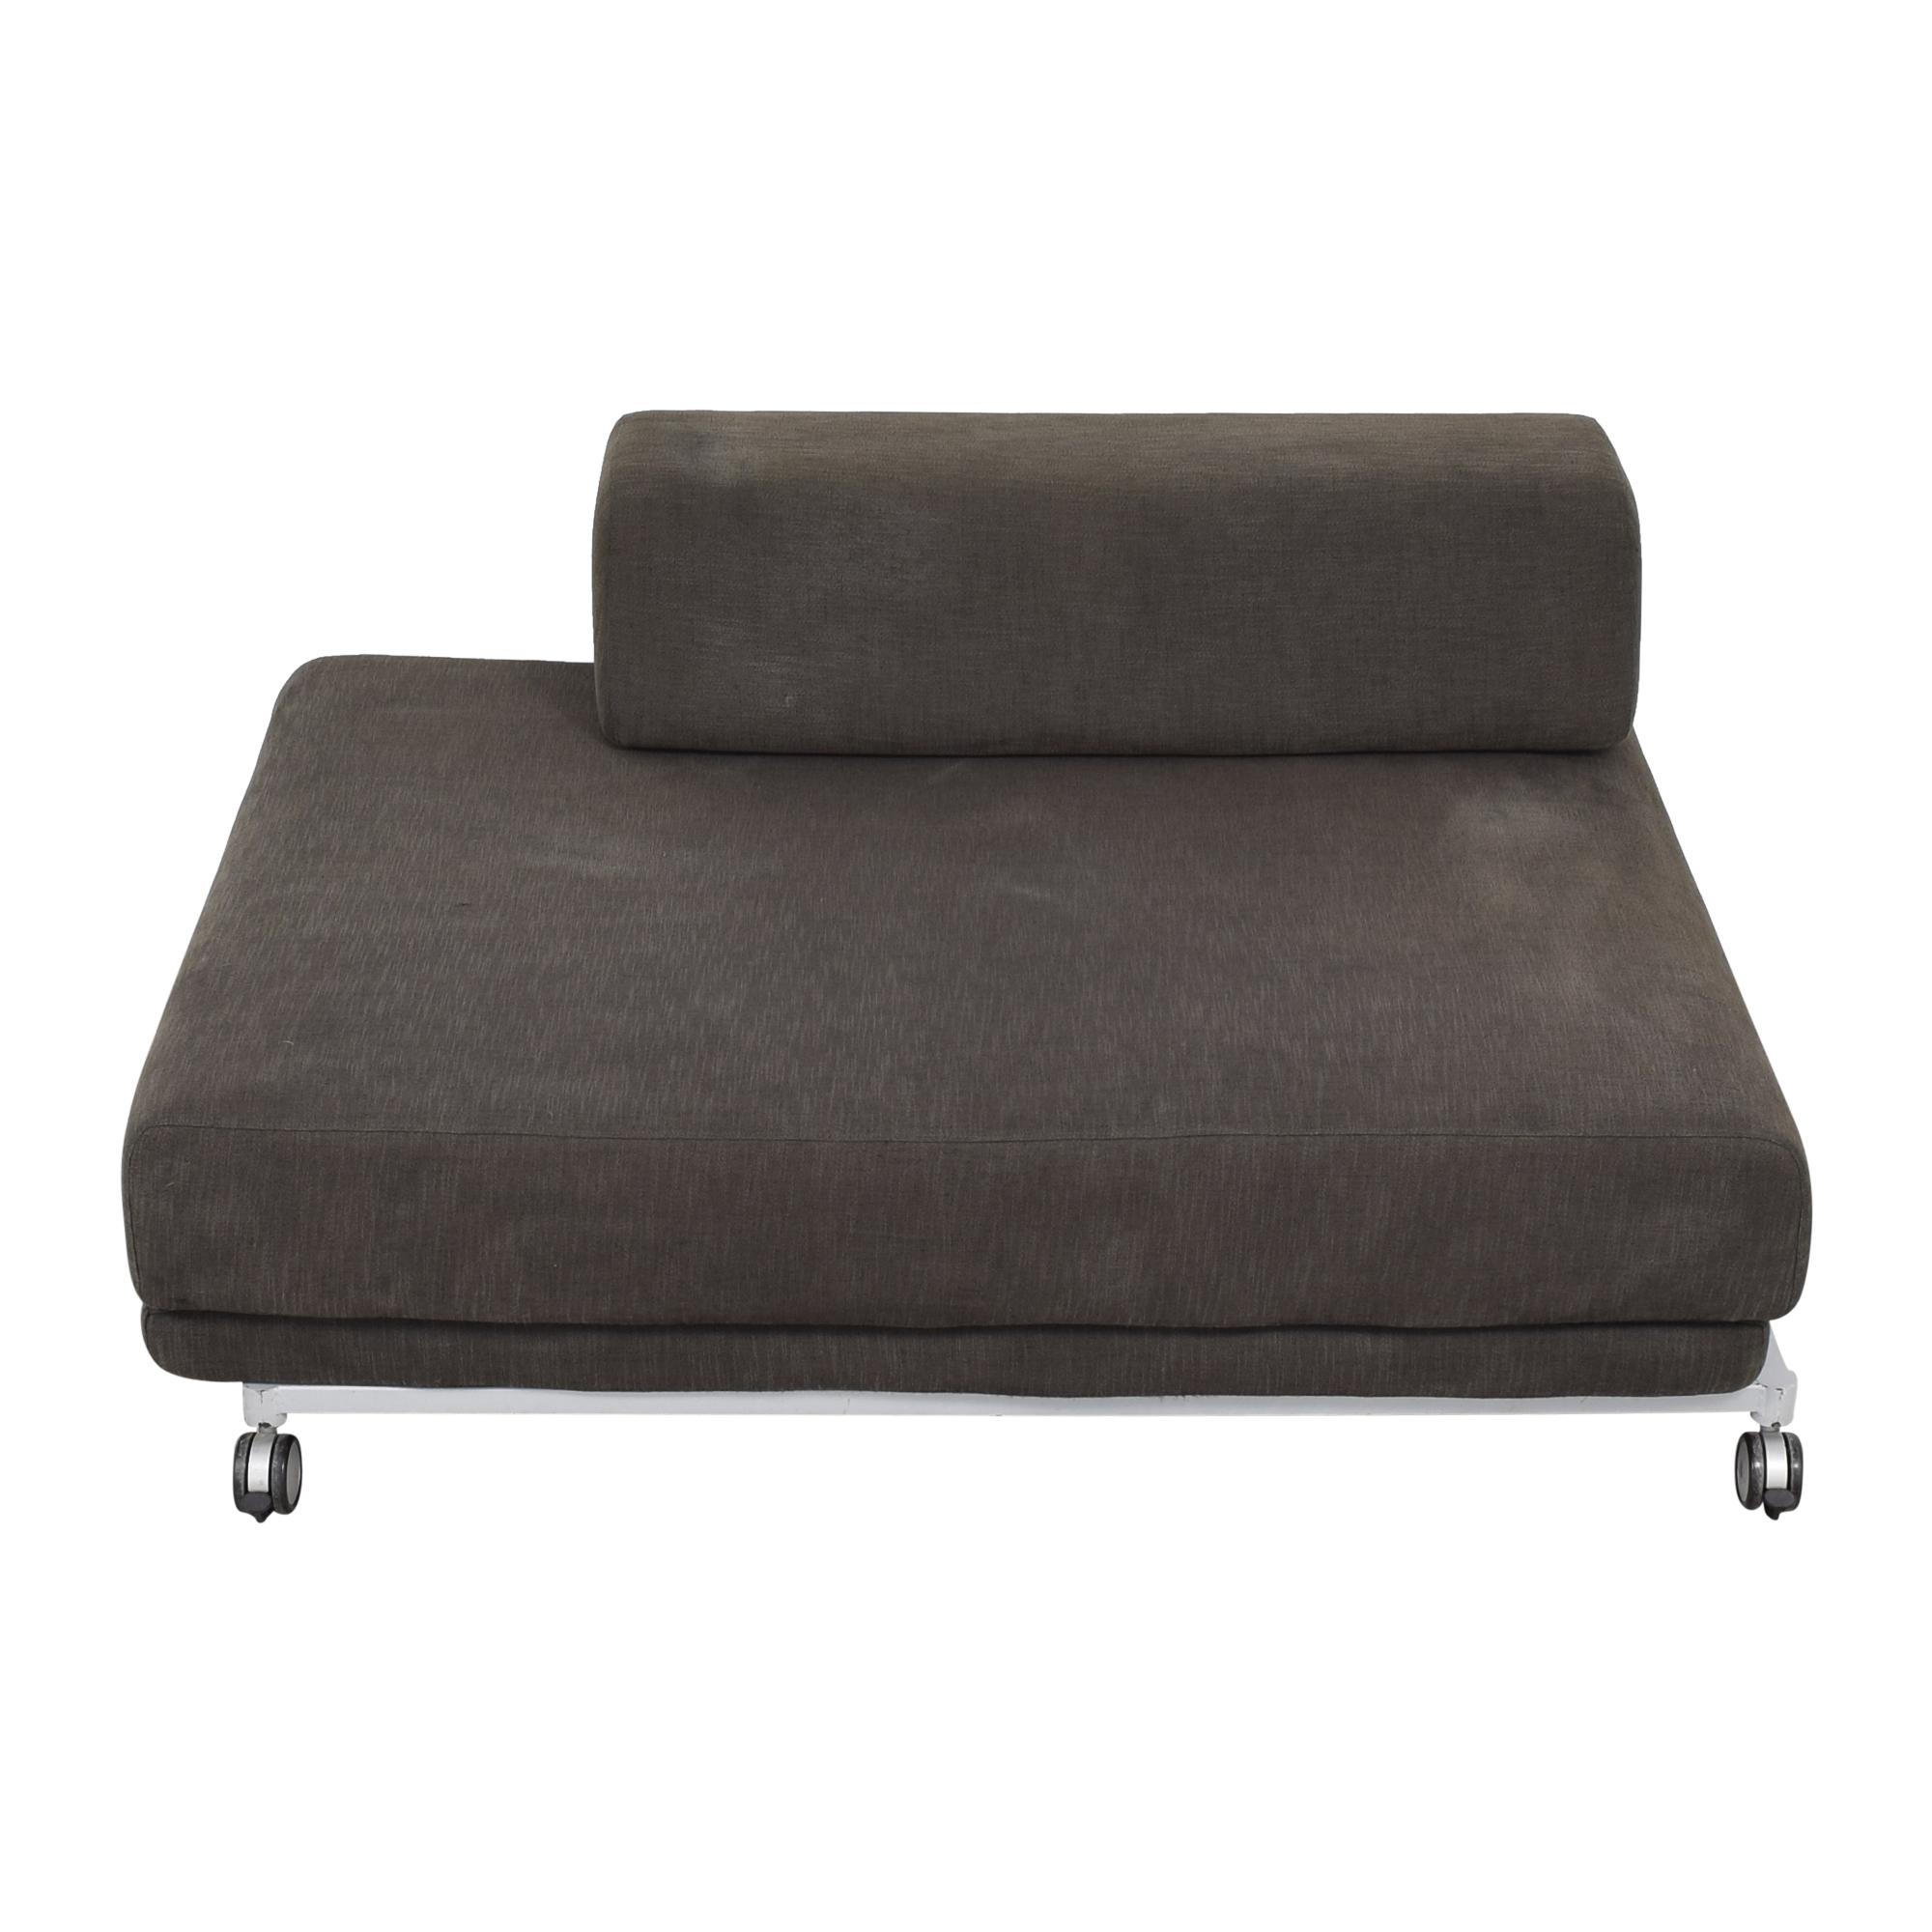 Softline Softline Queen Sofa Bed discount